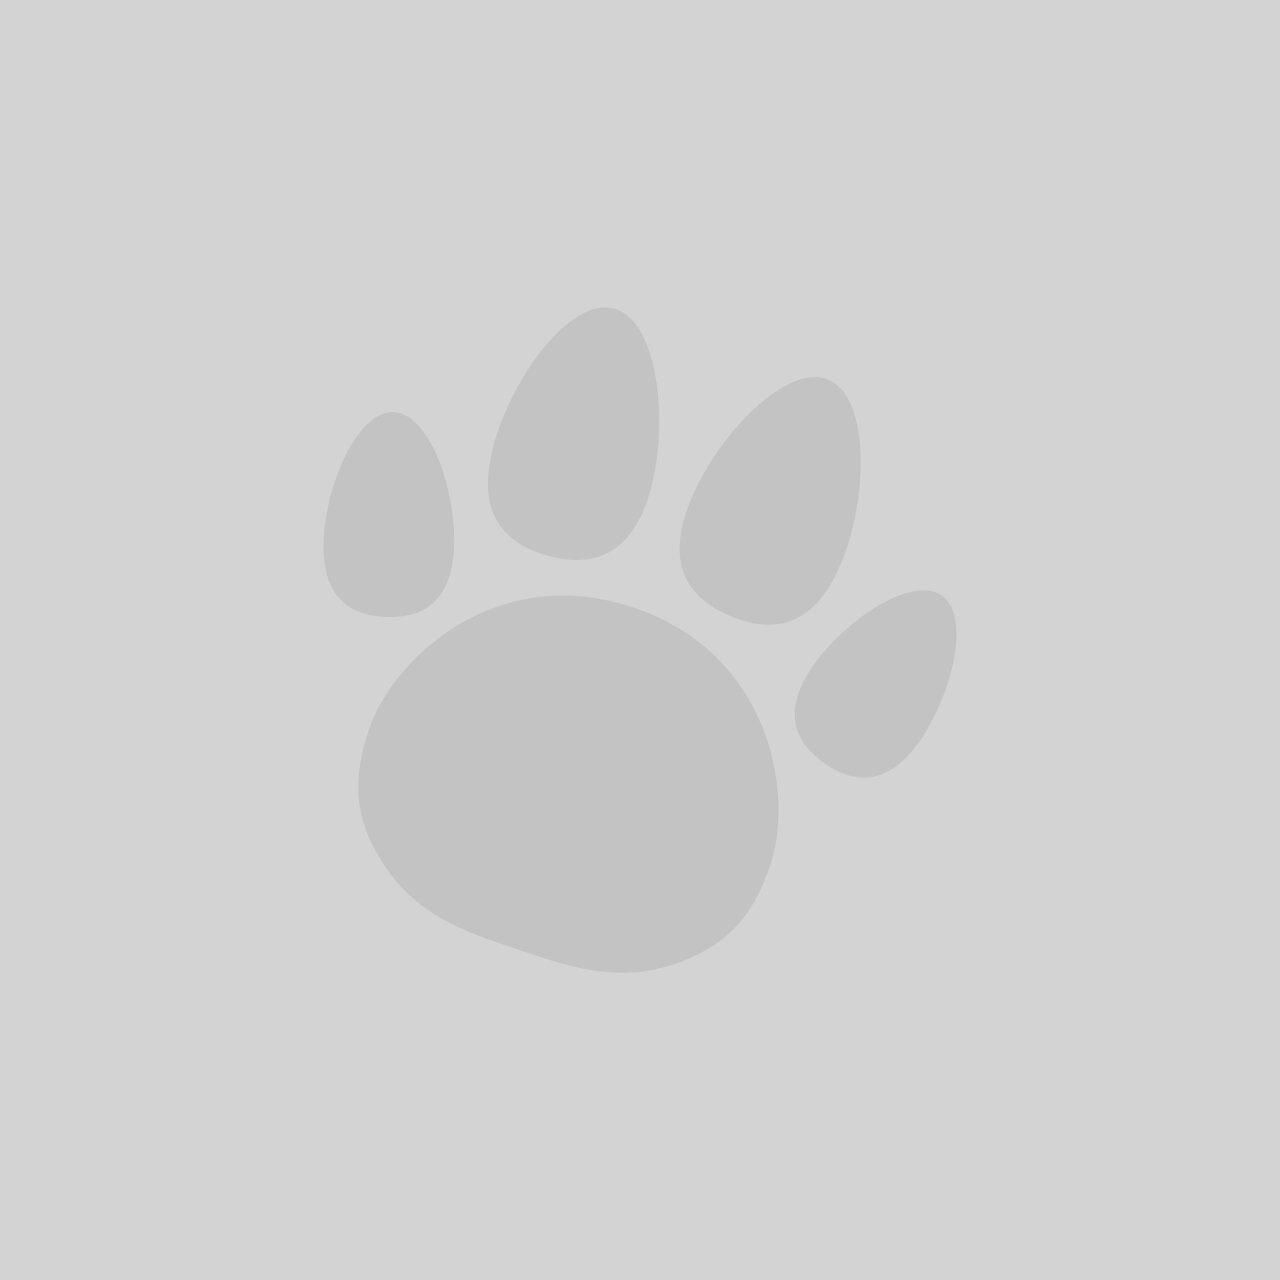 Pedigree Jumbone Medium Dog Treat Chicken & Lamb 2 Pack